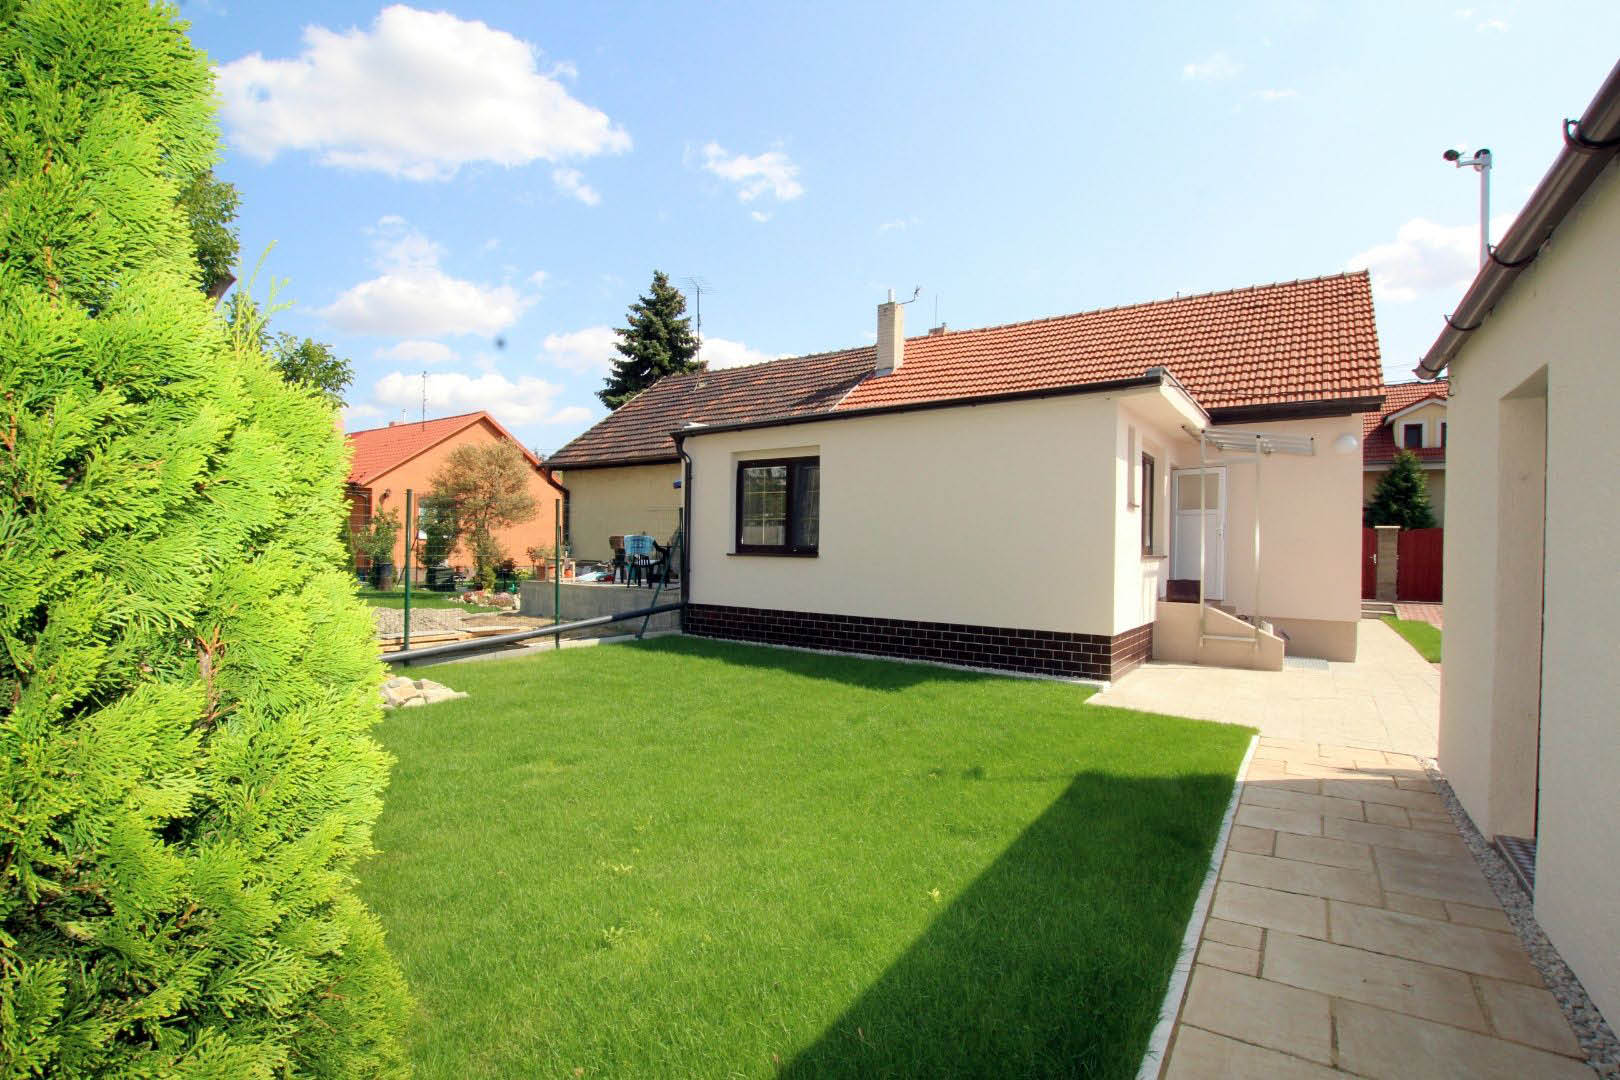 PRENAJATÉ | rodinný dom |  Edisonova, Bratislava